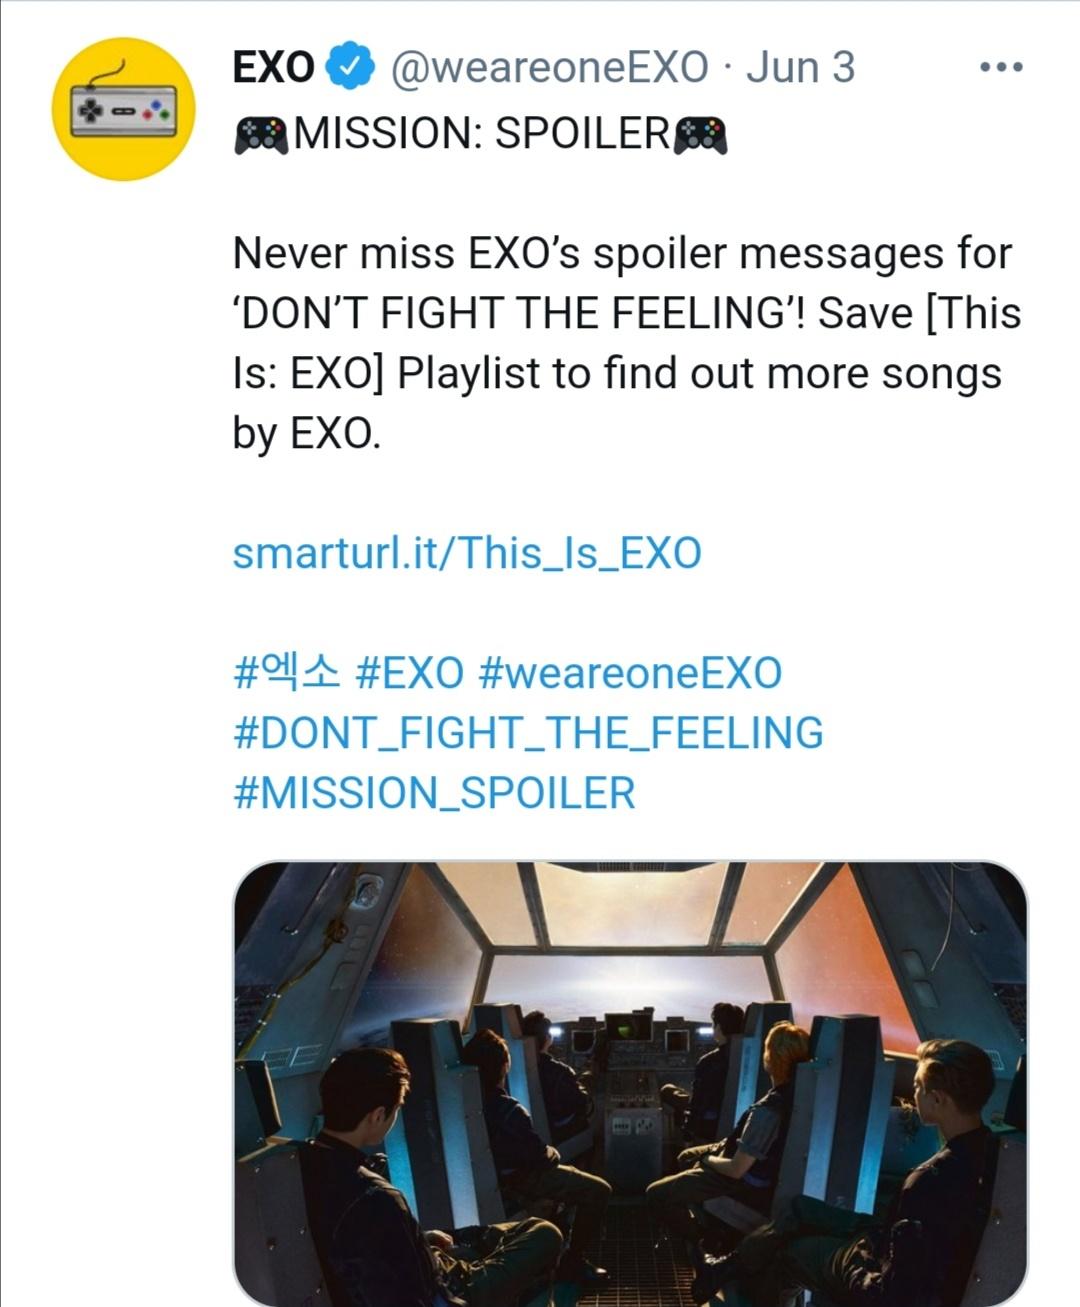 EXO يكشف عبر تويتر أغنيتهم الجديدة Don't Fight the Feeling- الصورة من حساب EXO على تويتر